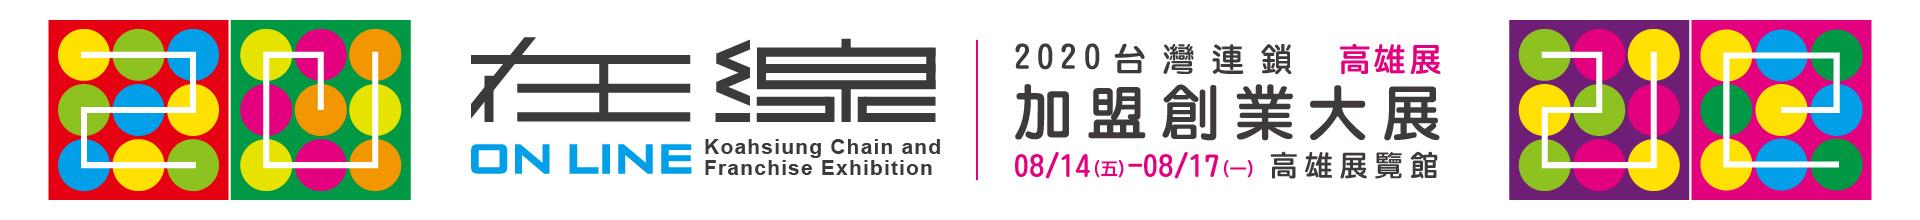 2020高雄連鎖加盟創業暨開店設備展